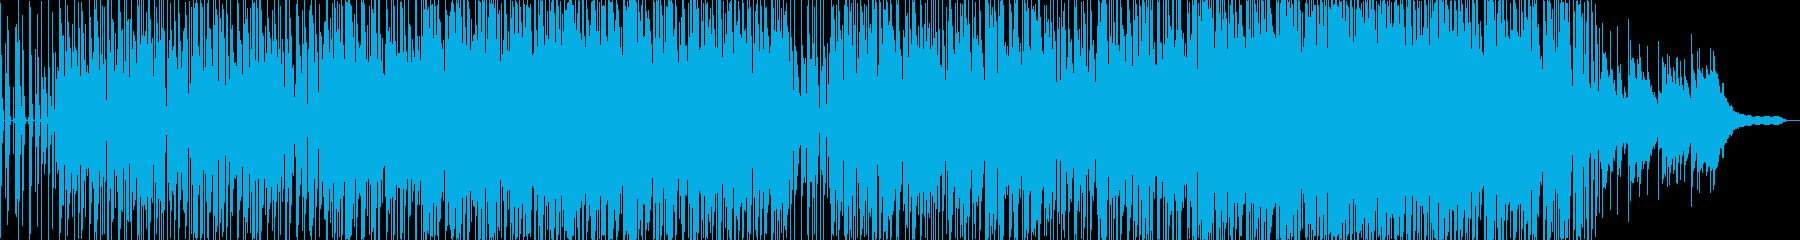 重厚感ある低音リズムが特徴の幻想的ダンスの再生済みの波形